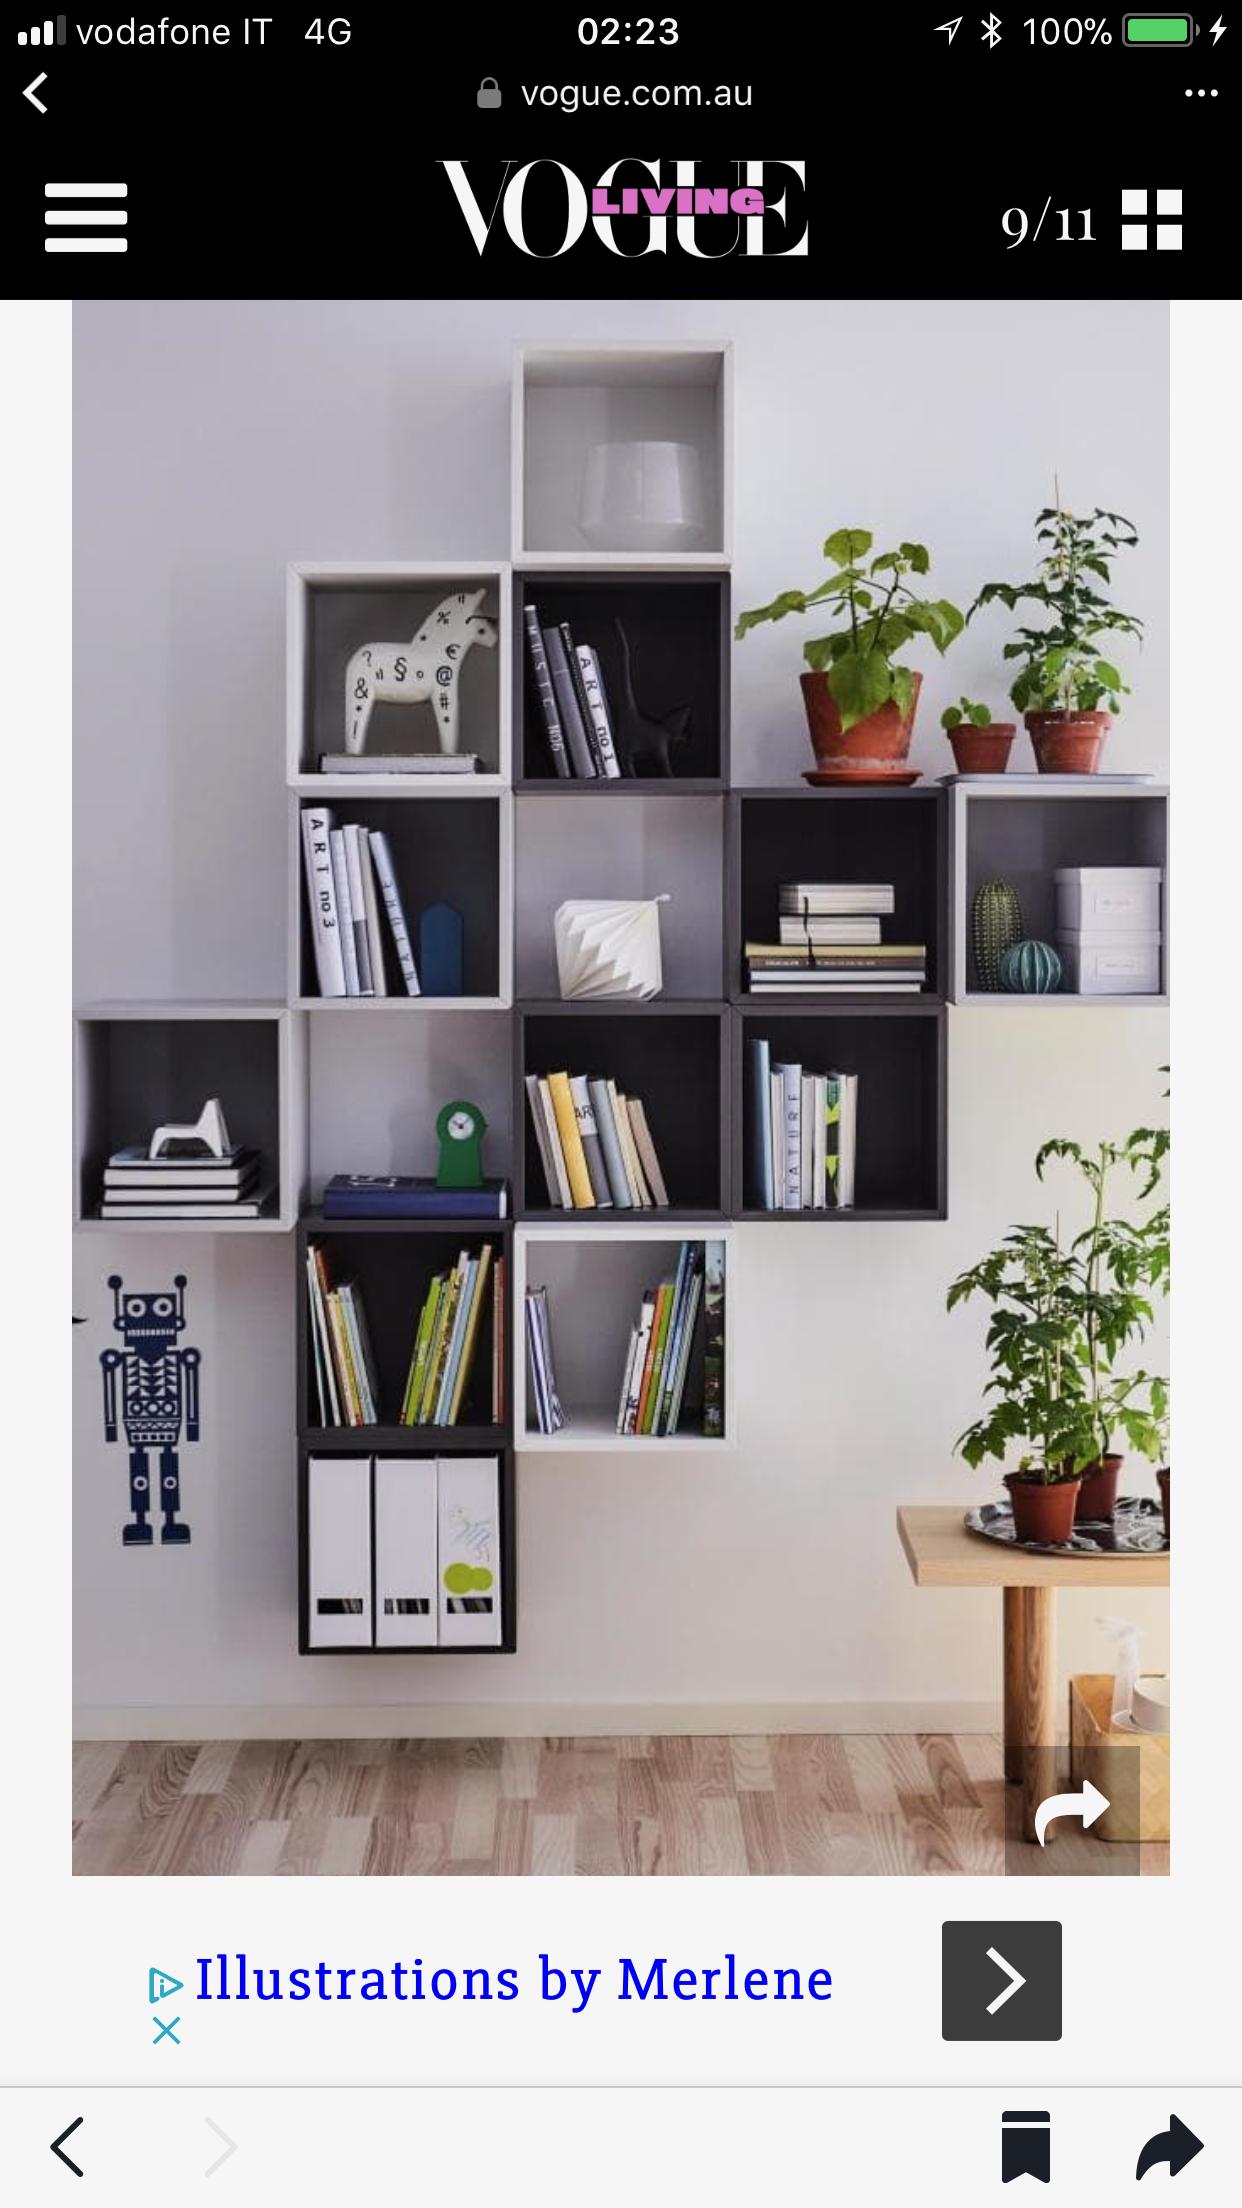 Pin by MariaAdele Marri on Idee ikea H&M home in 2019 | Pareti casa ...